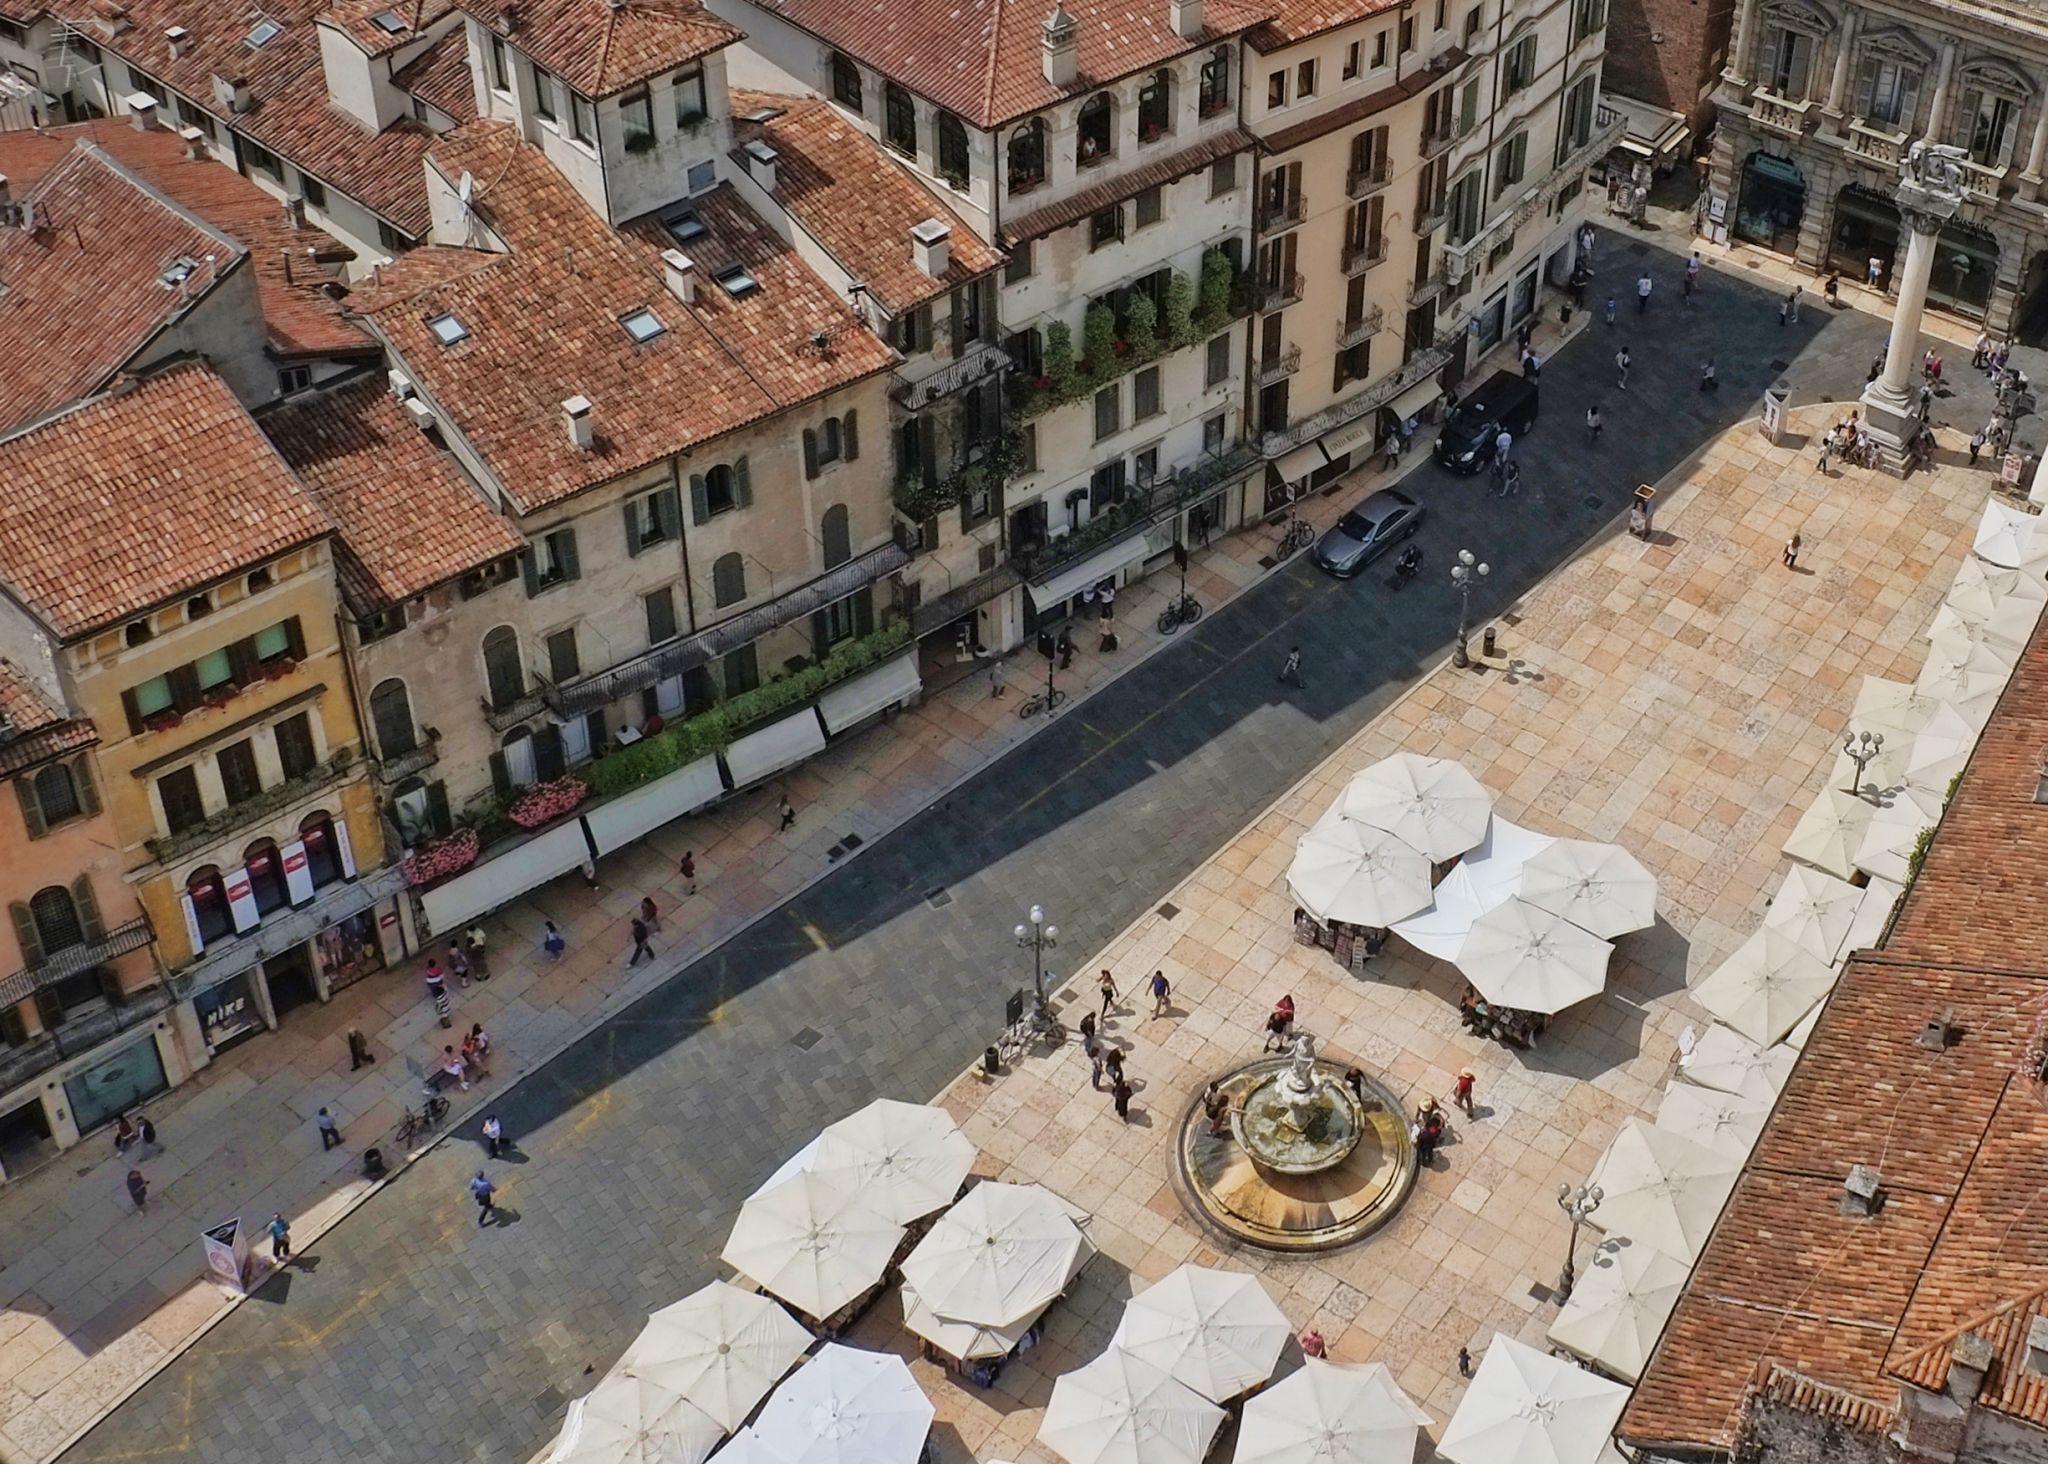 View from Torre dei Lamberti, Verona, Italy